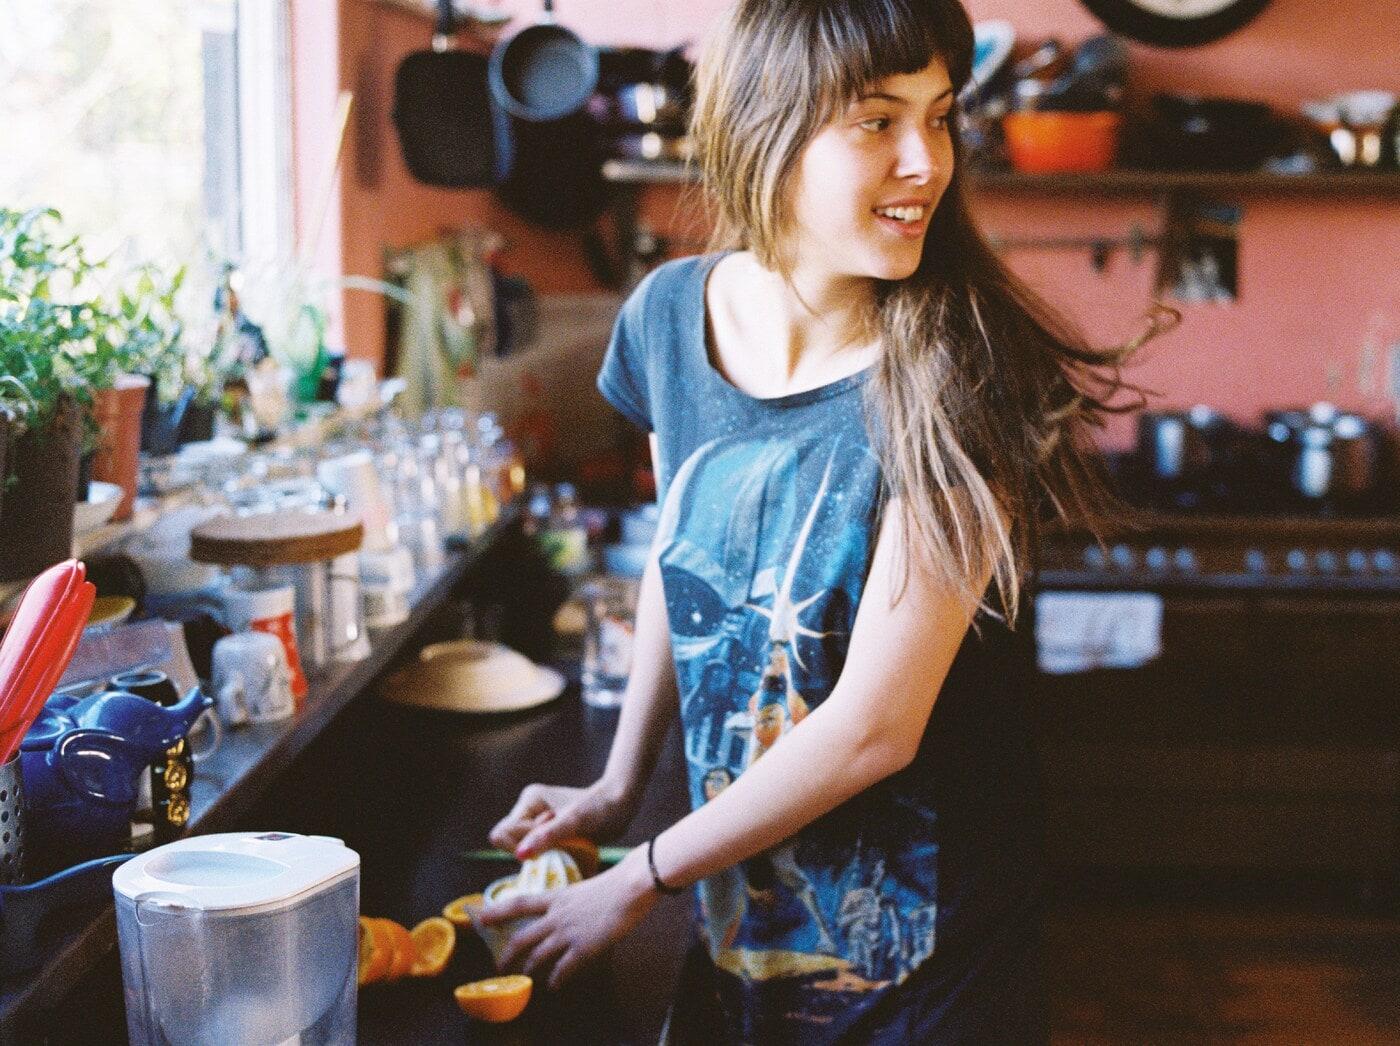 Mladá žena, která krájí ovoce v kuchyni.